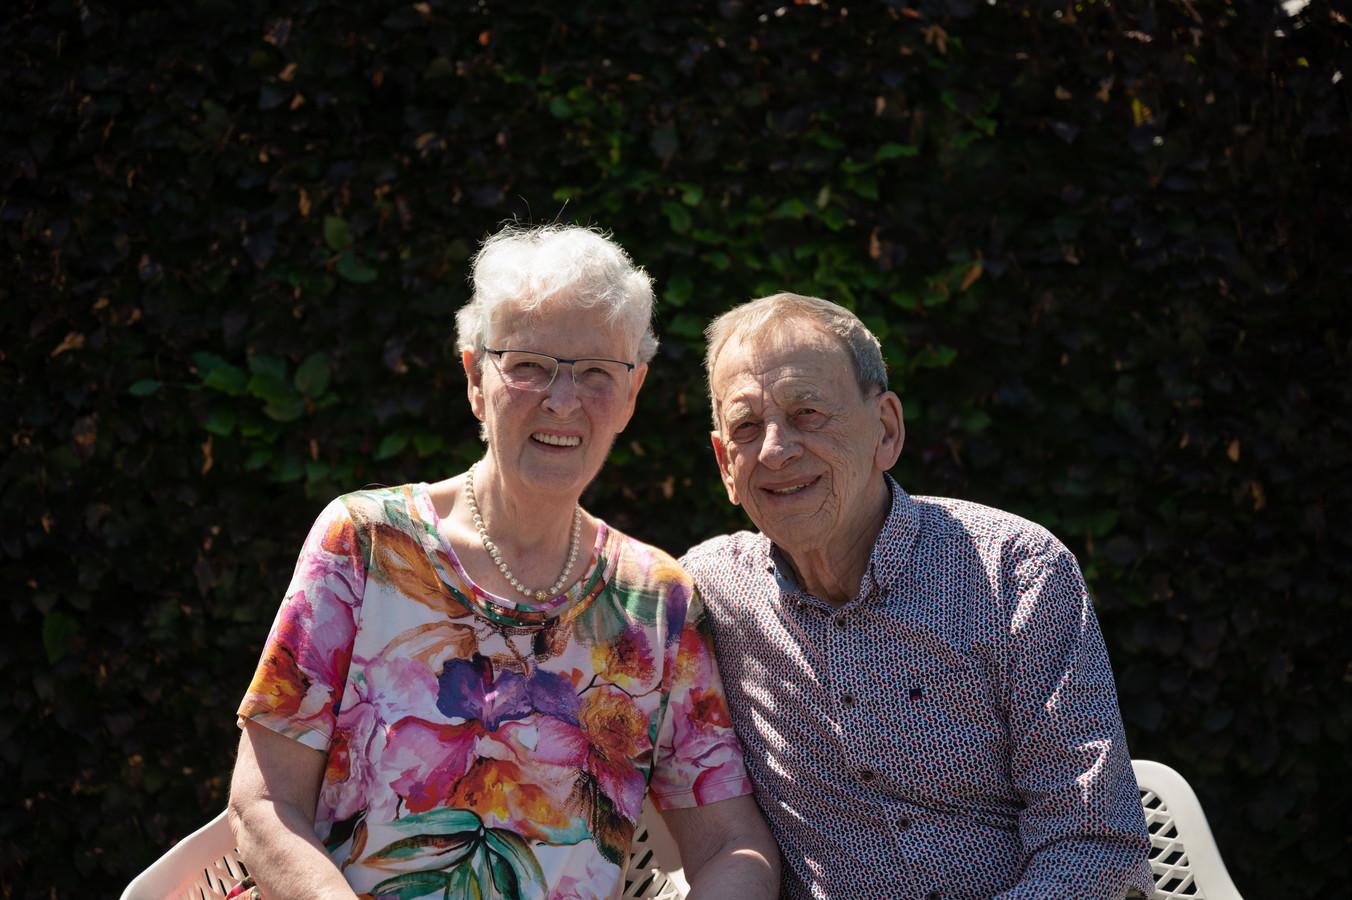 Kees Smulders en Willie Smulders-Kuijpers zijn 26 juli 60 jaar getrouwd.